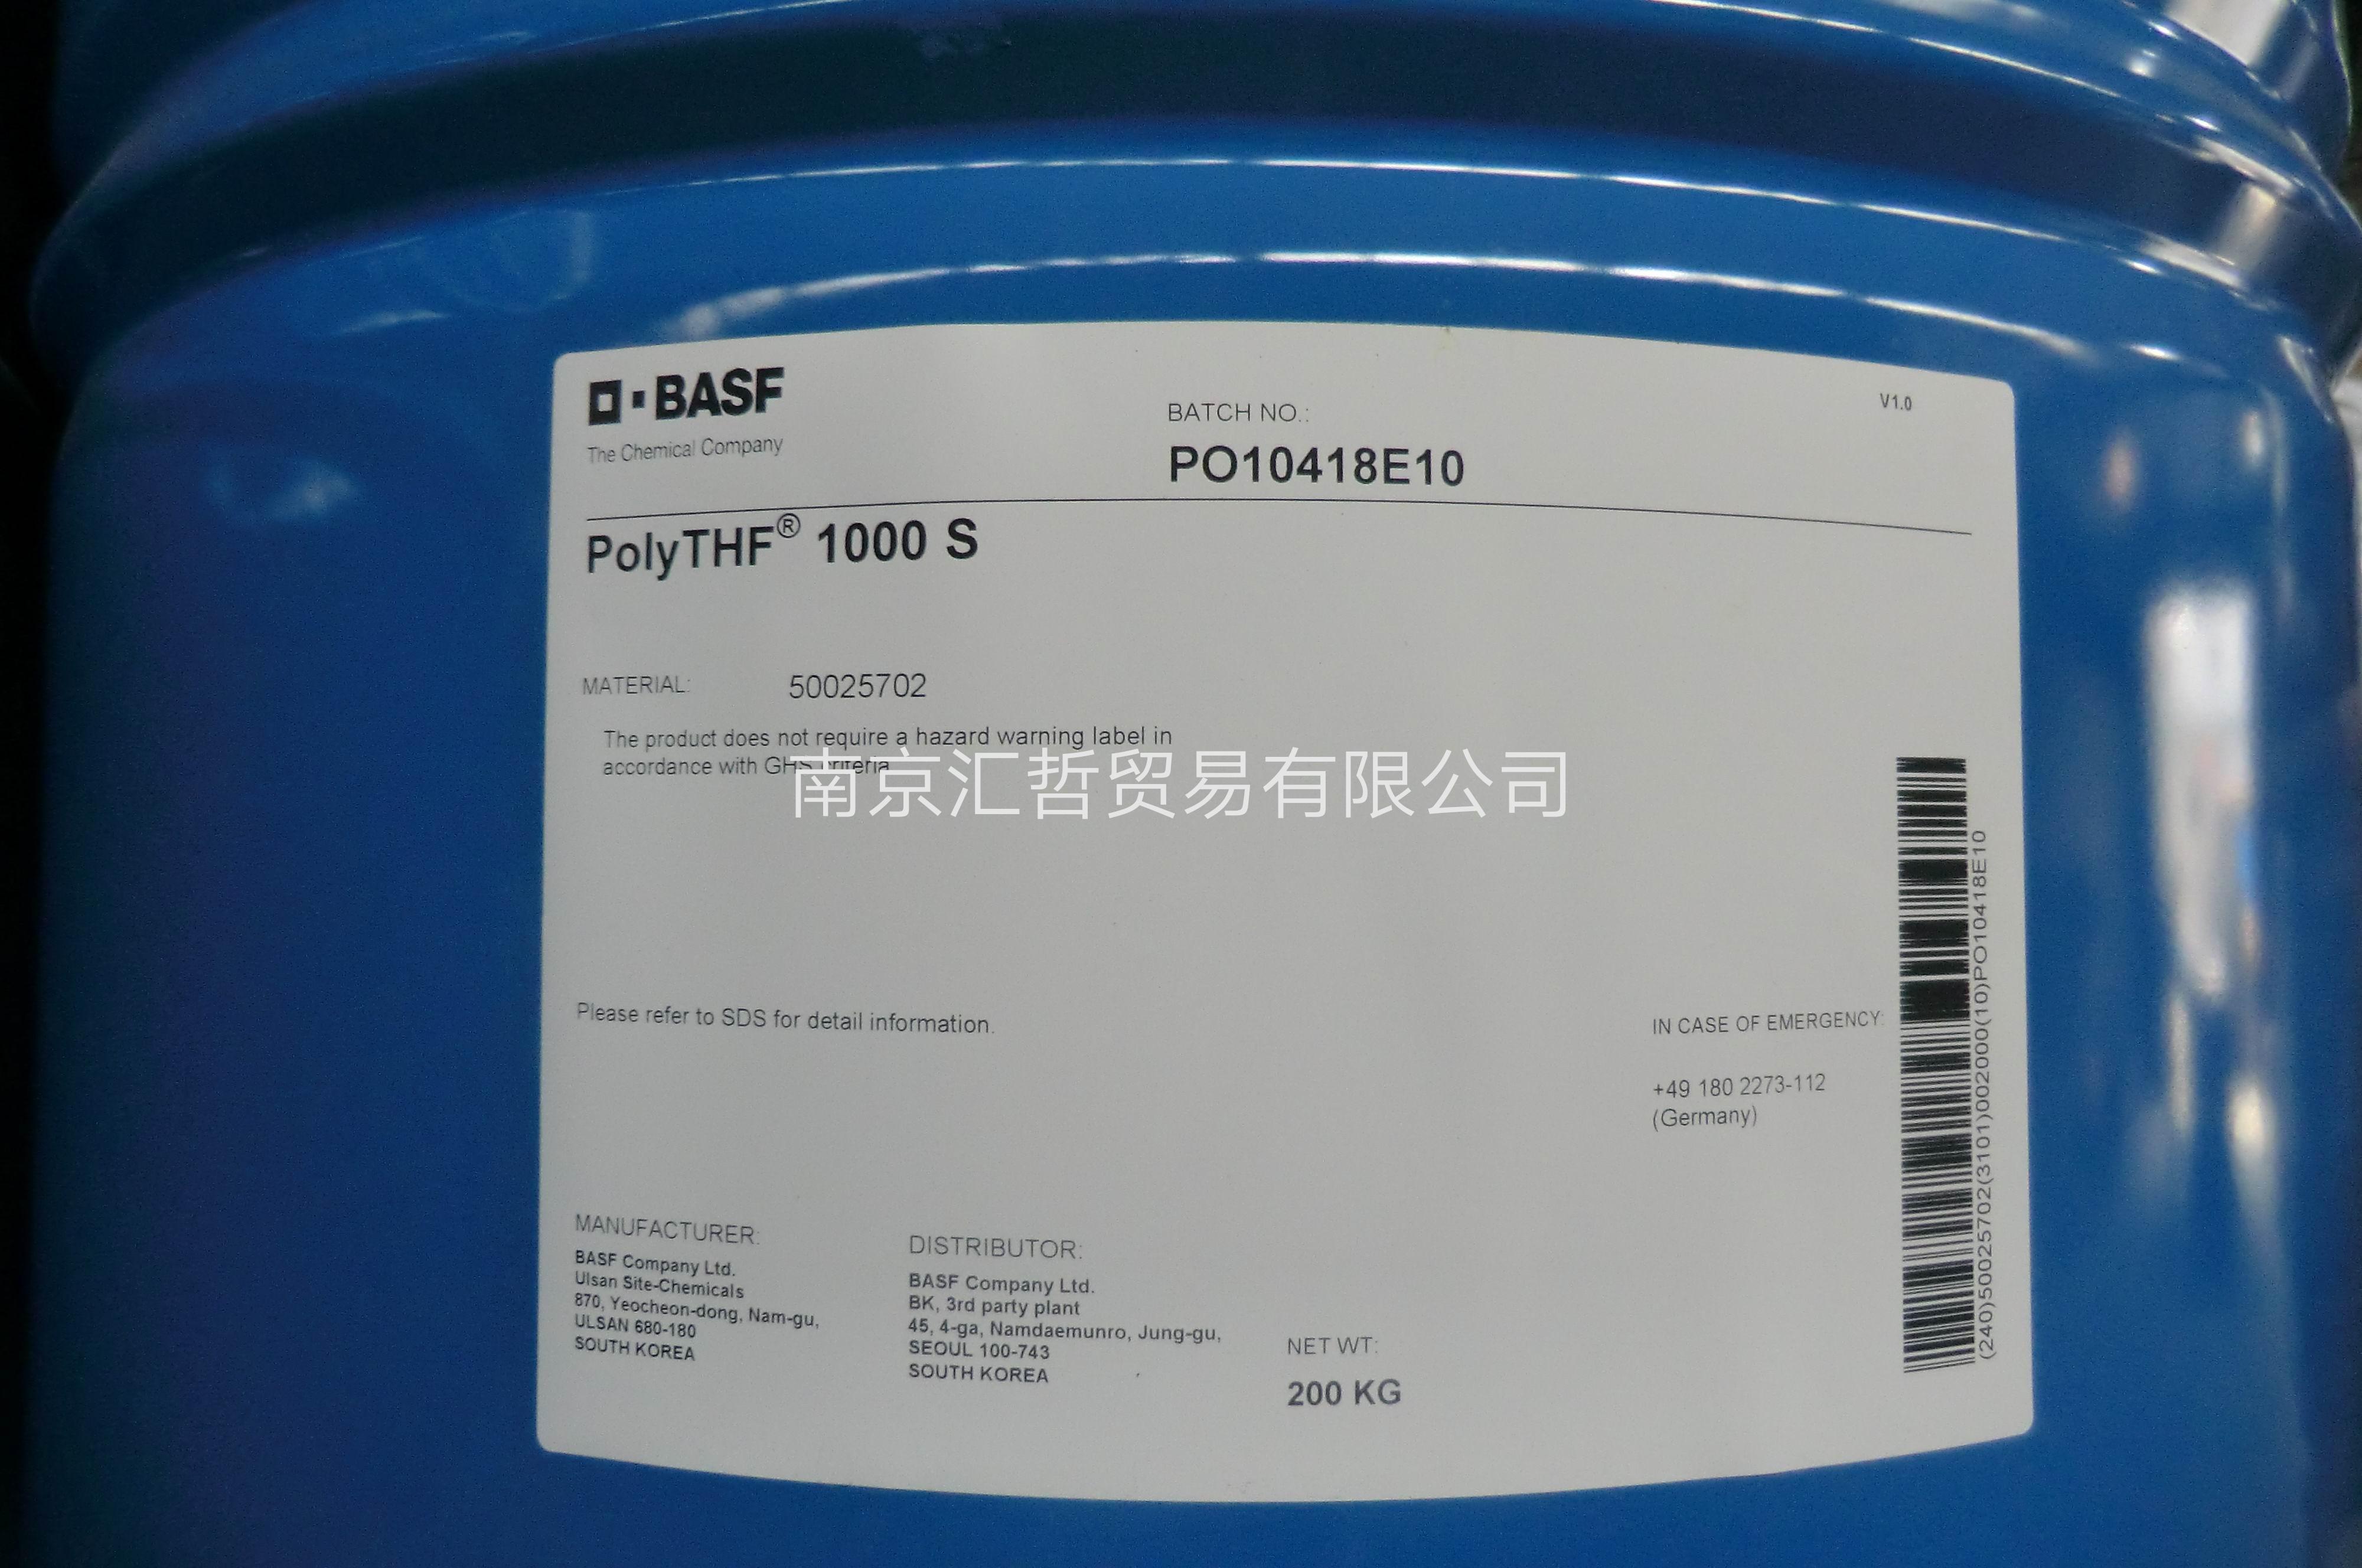 PolyTHF 1000 S